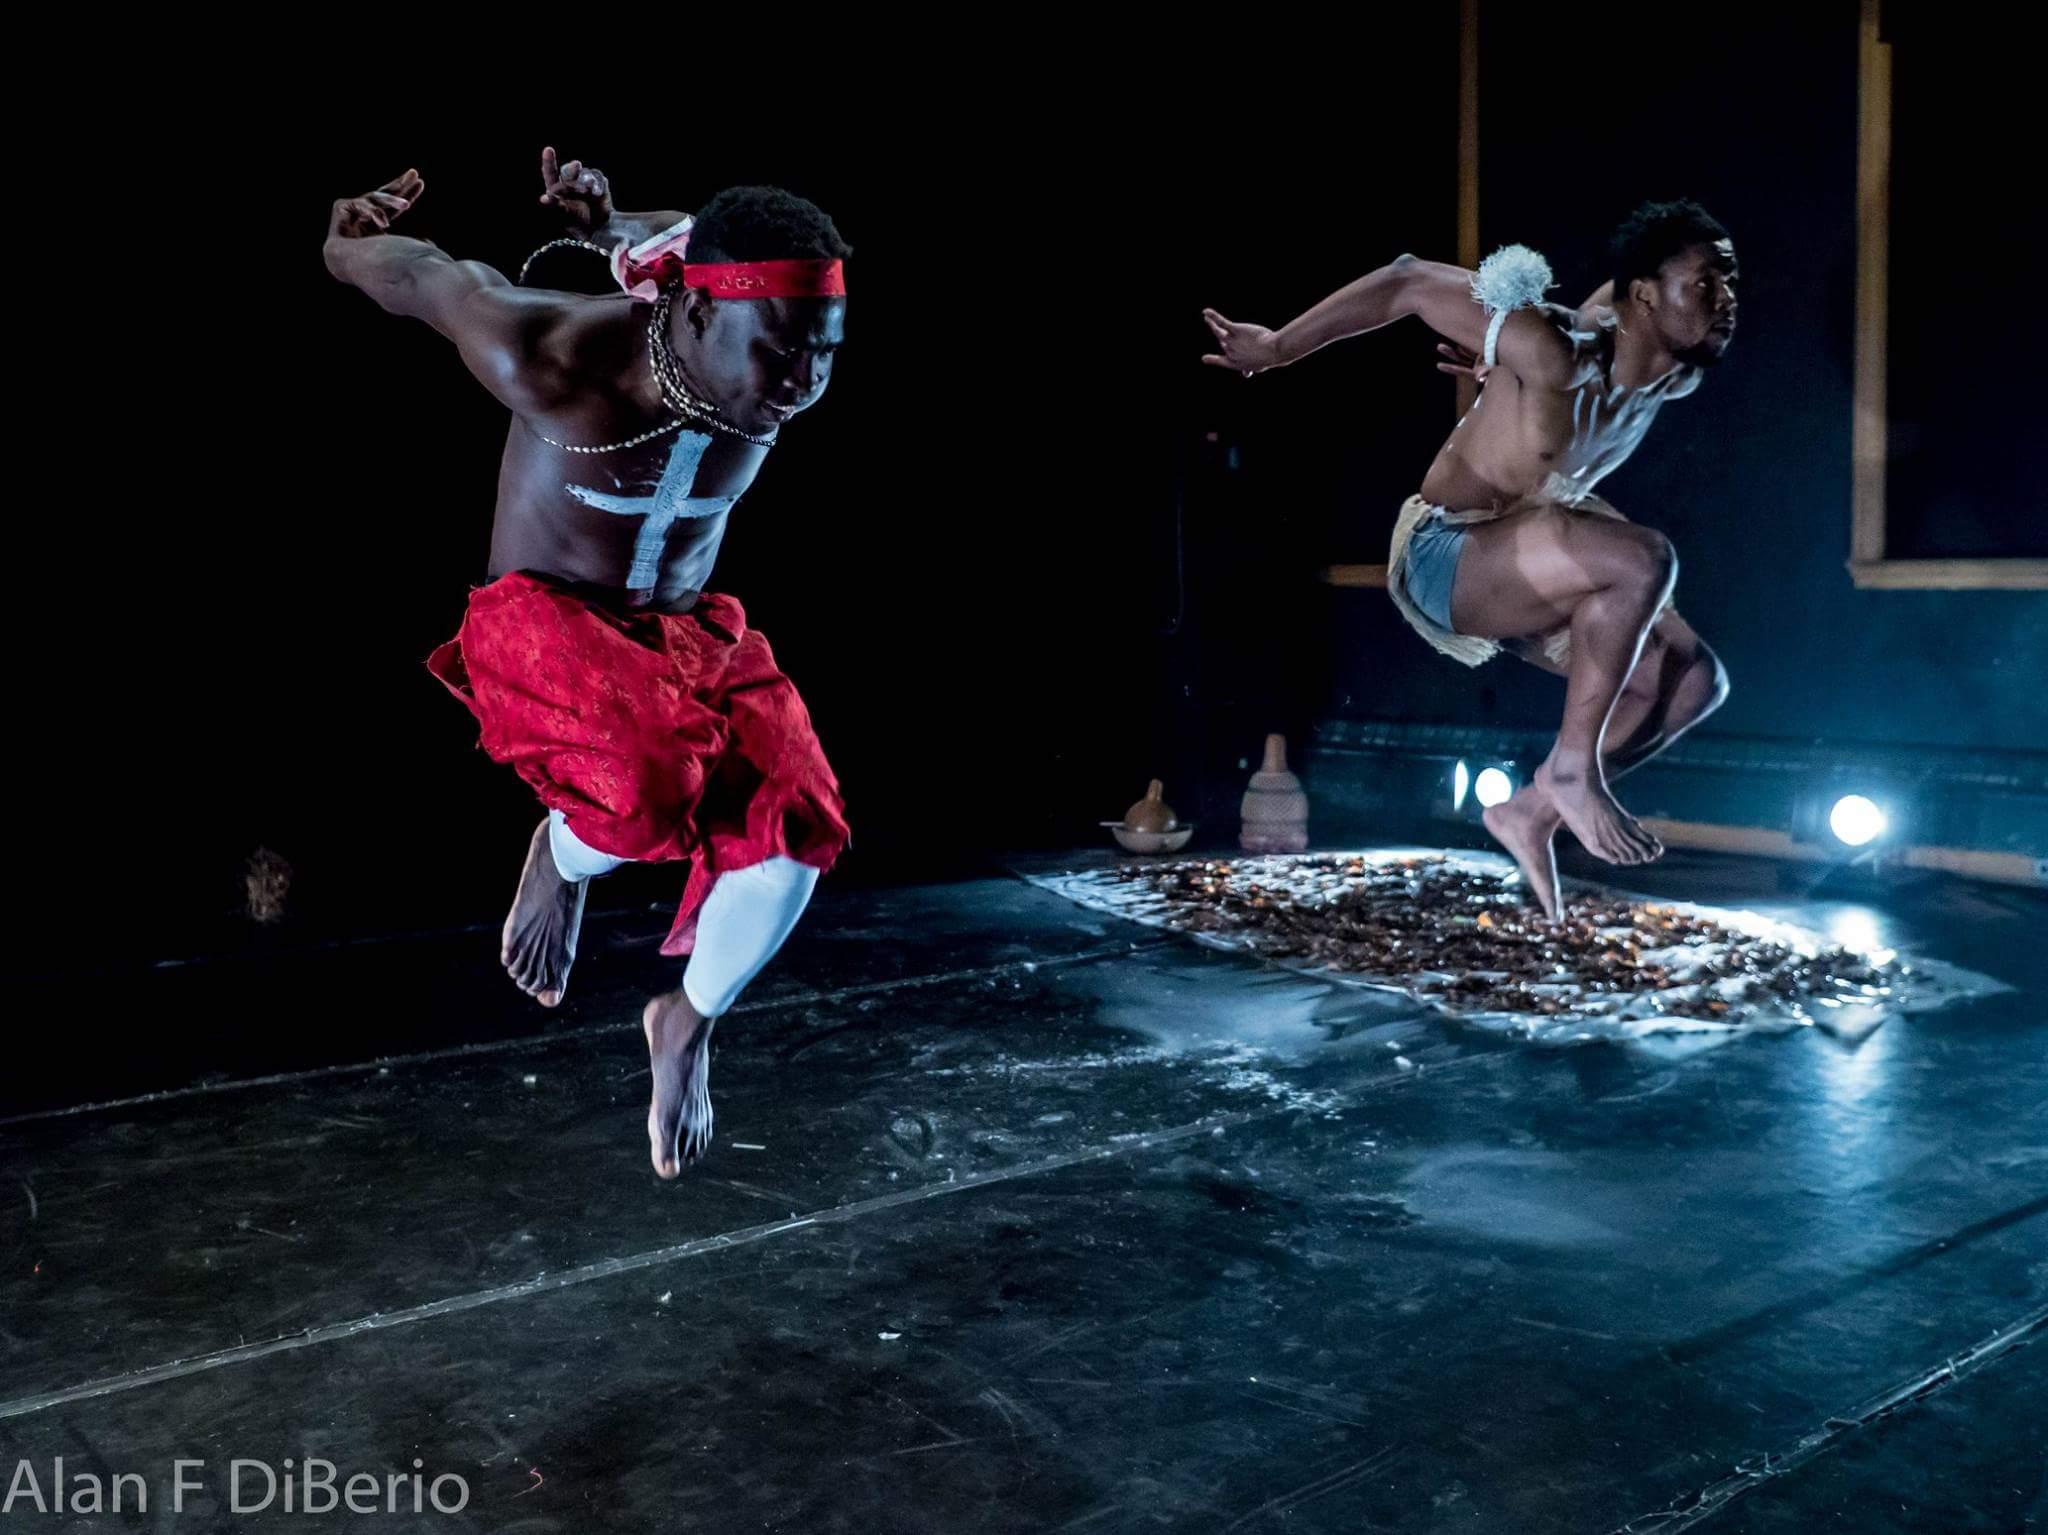 musique-echanges-mobilite-culture-residences-creation-production-bourse-casablanca-maroc-afrique-africaartlines